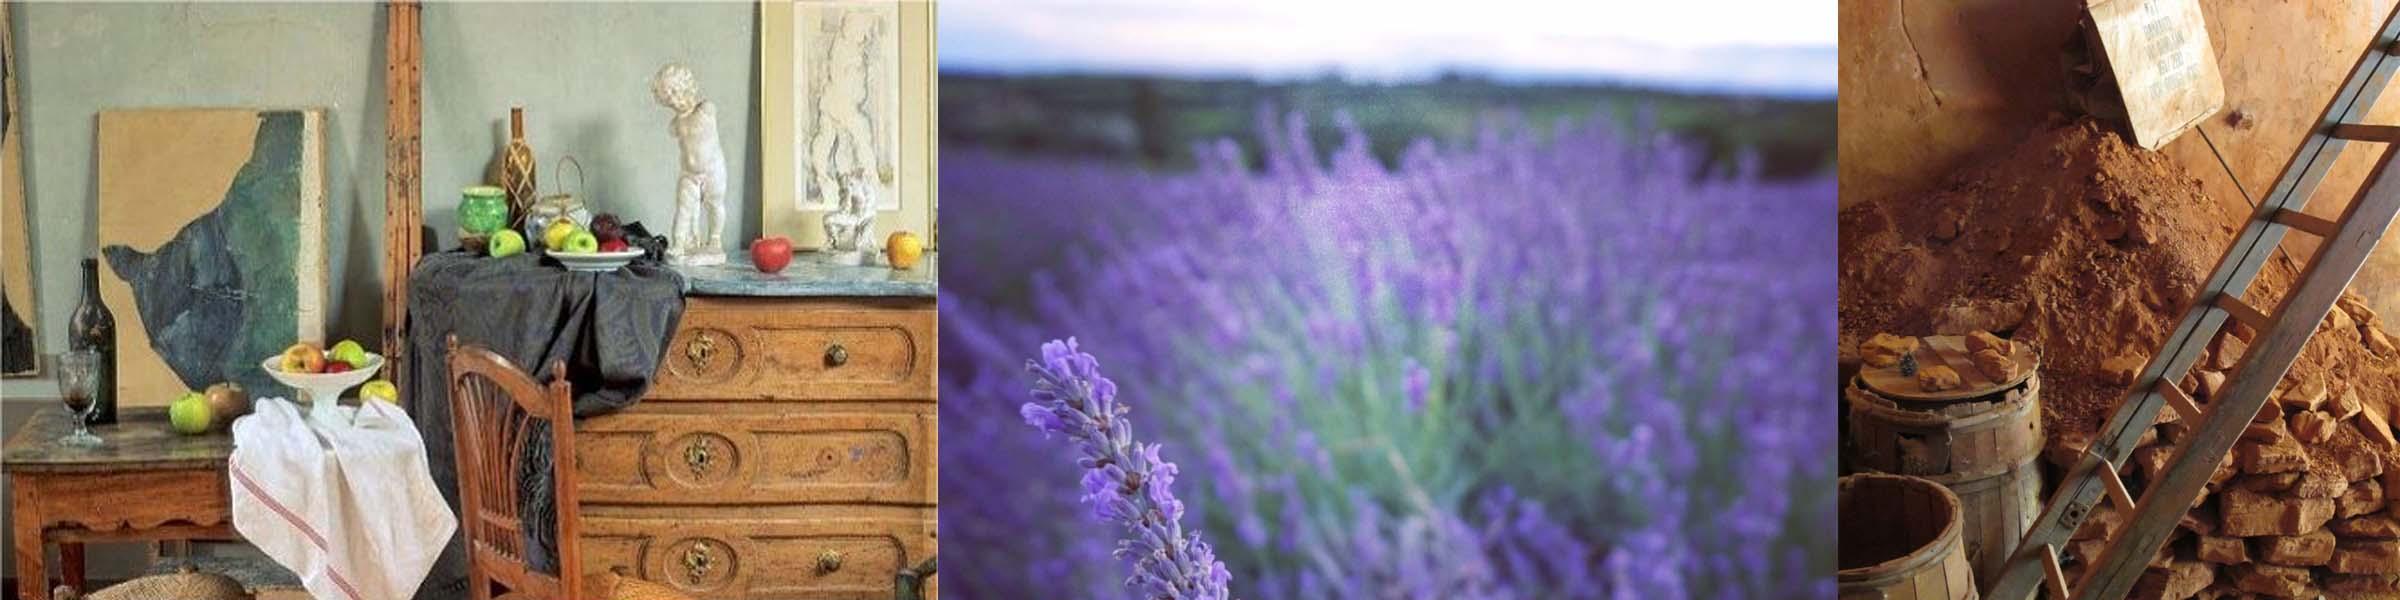 Provence 2020 header.jpg